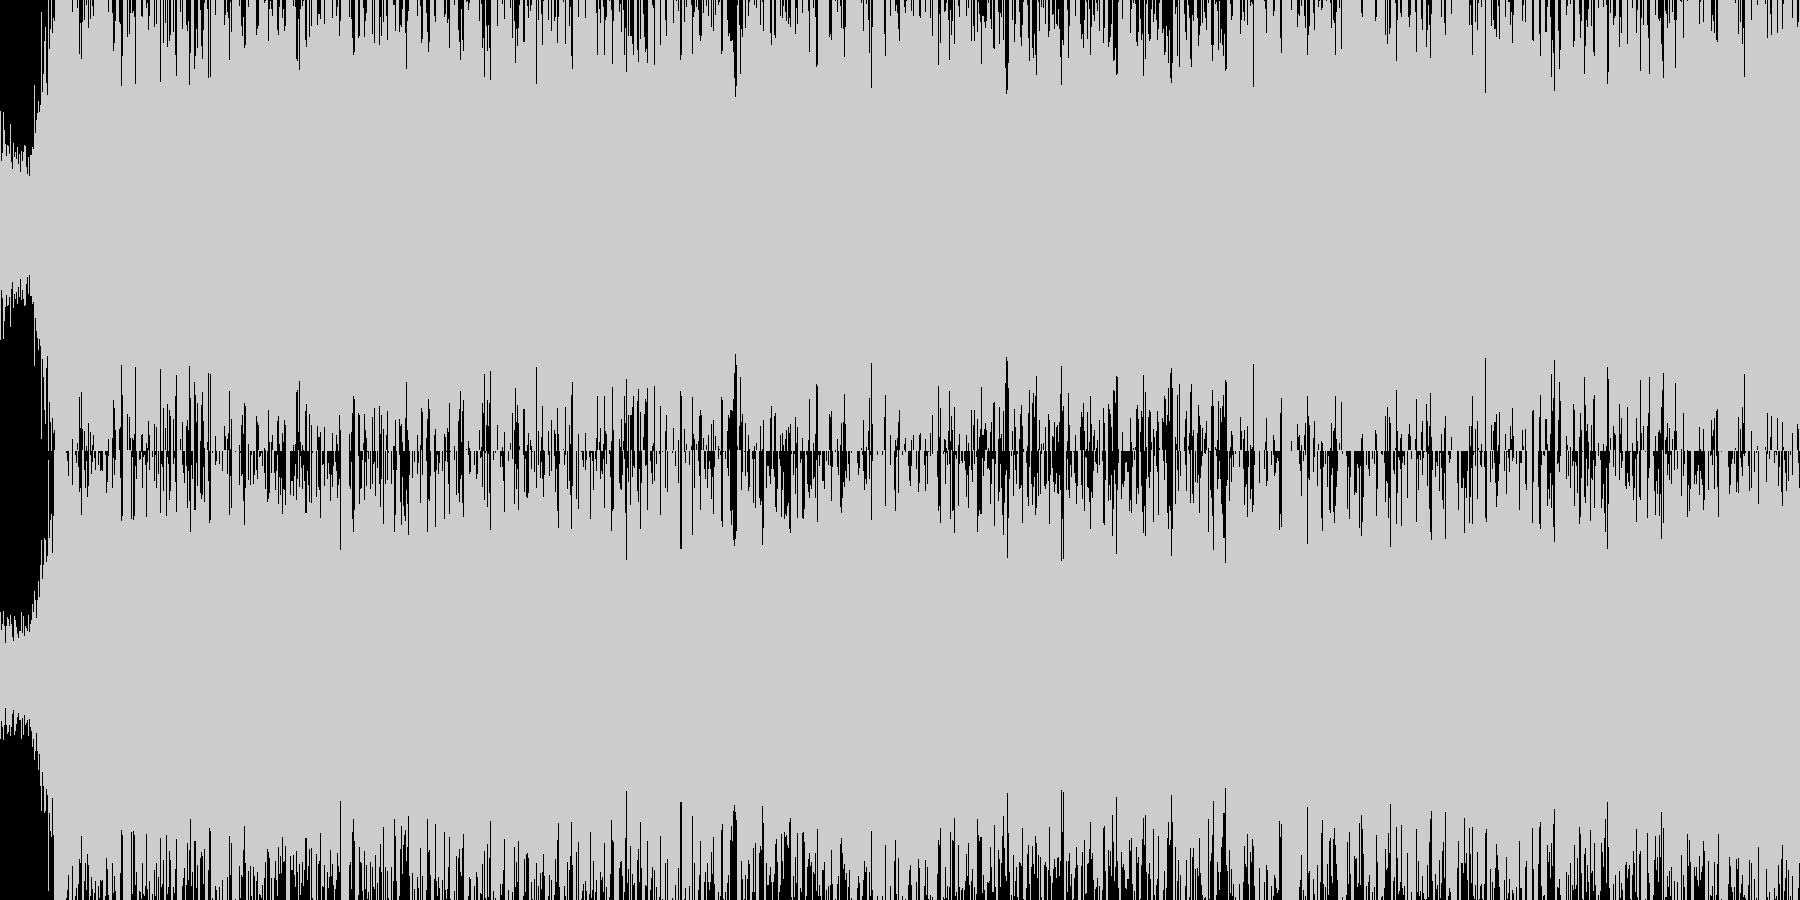 交響曲第9 コーラス トランス 01v2の未再生の波形